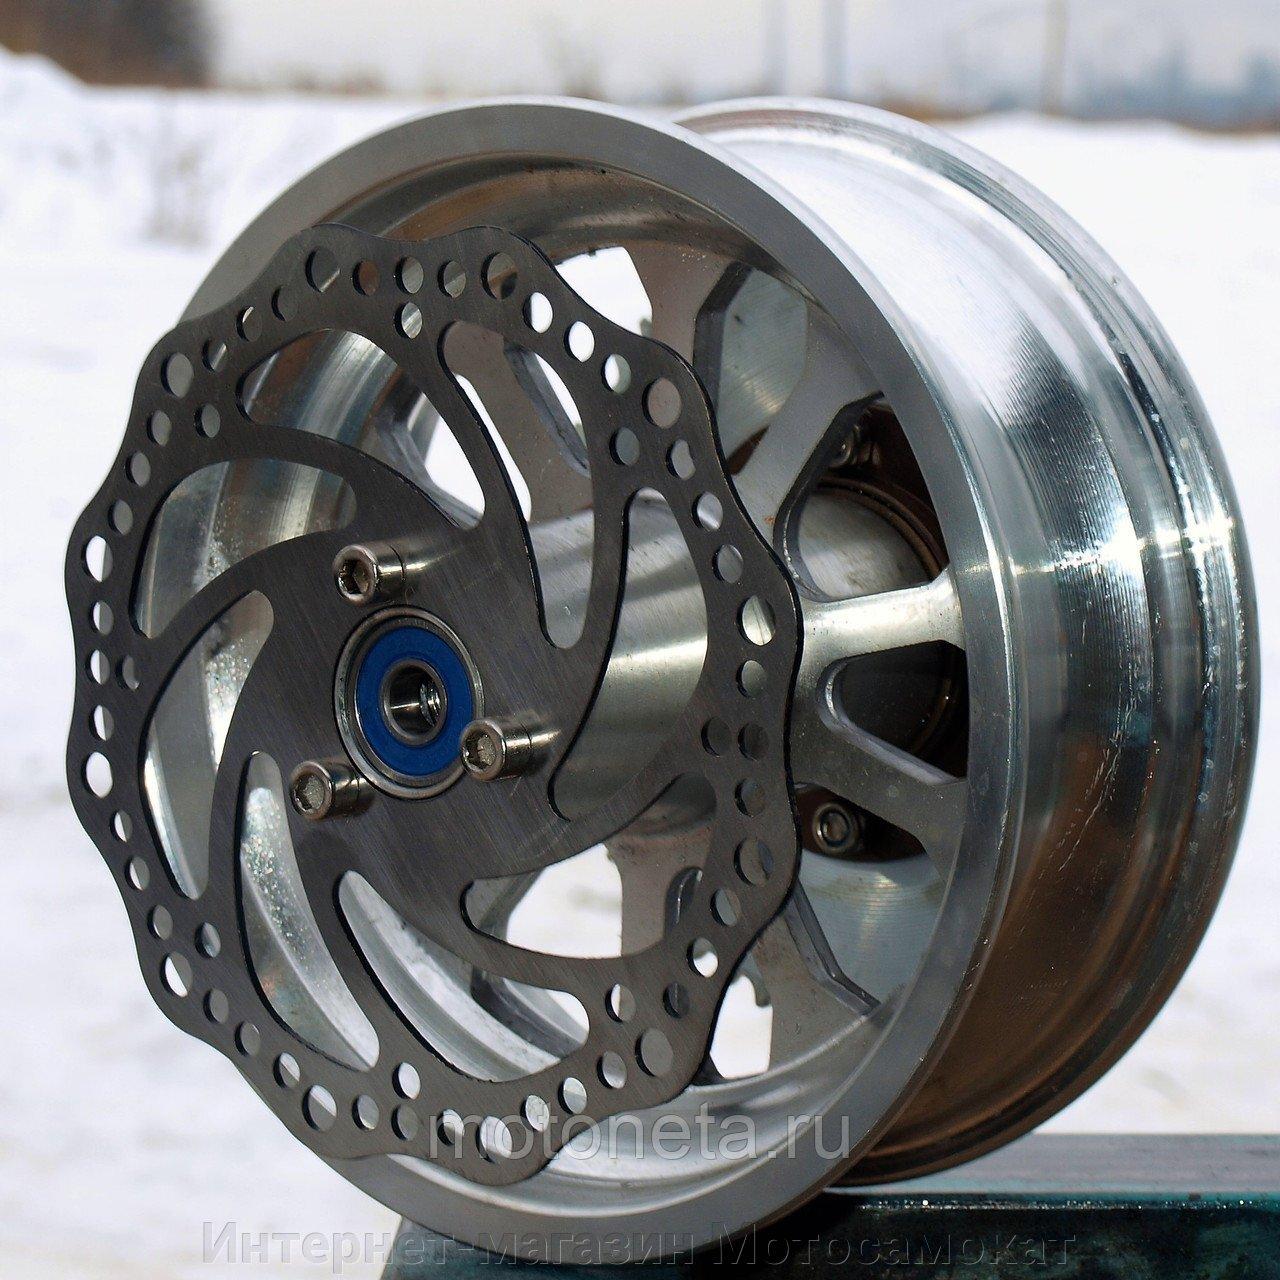 Литой диск 6.5 дюйма переднего колеса с тормозным ротором 140 мм.